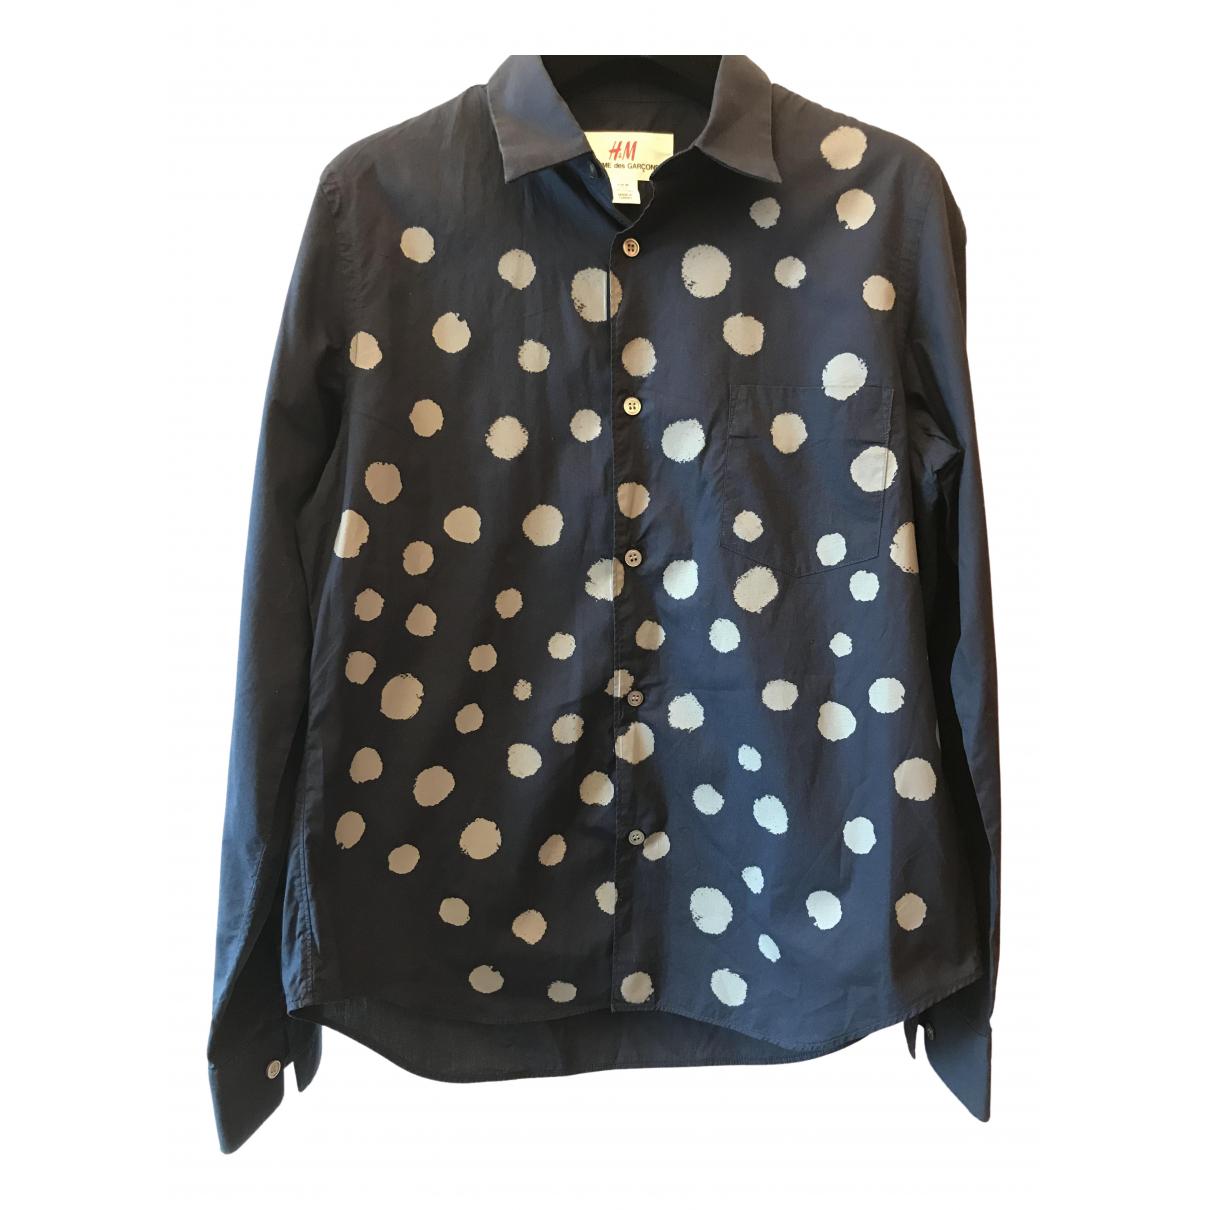 Camisa Comme Des Garcons X H&m